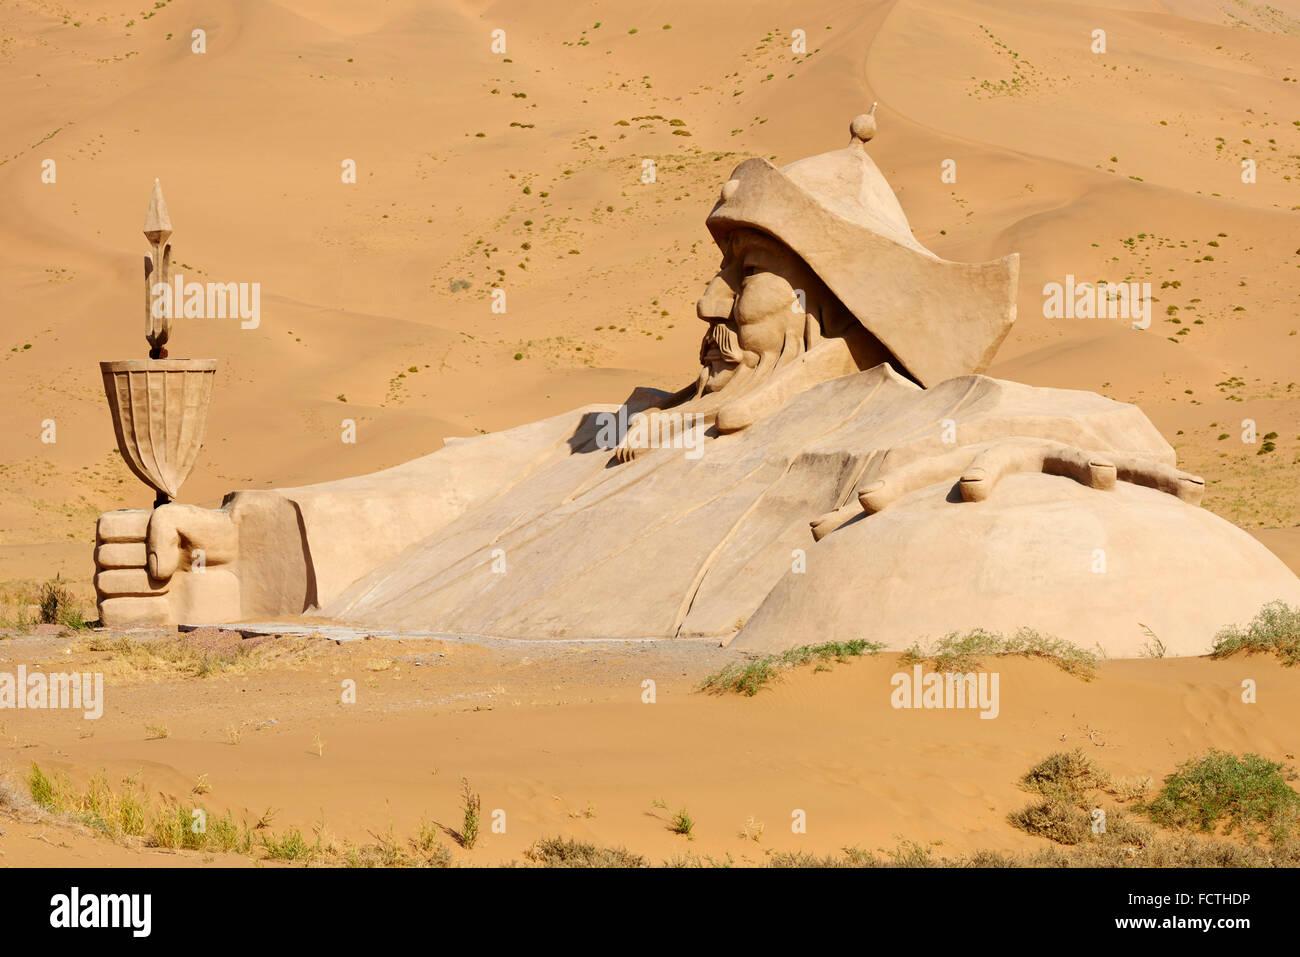 china inner mongolia badain jaran desert gobi desert gengis khan